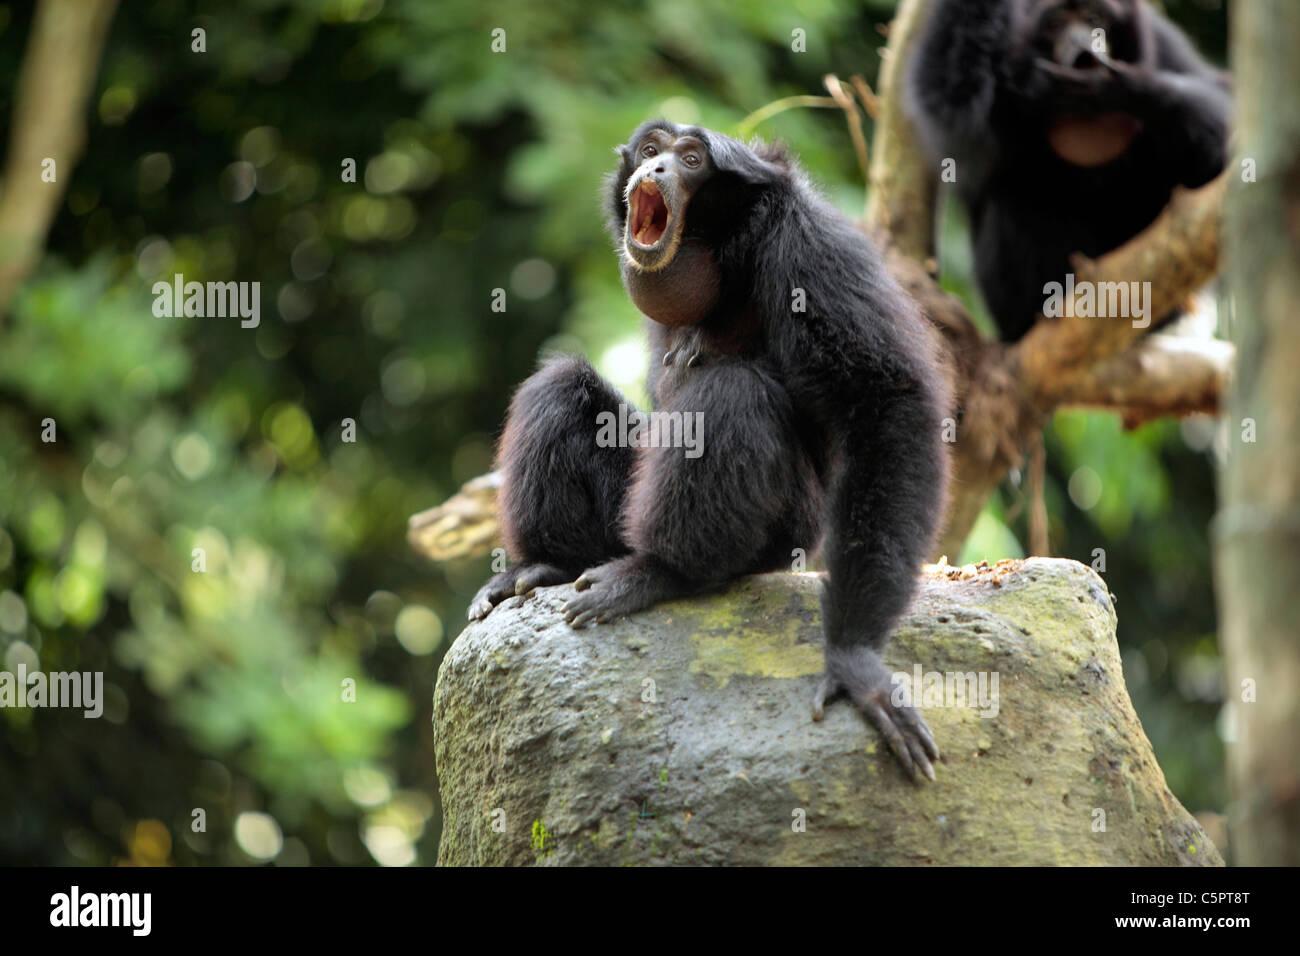 Monkey Forest, Ubud, Bali, Indonesia - Stock Image